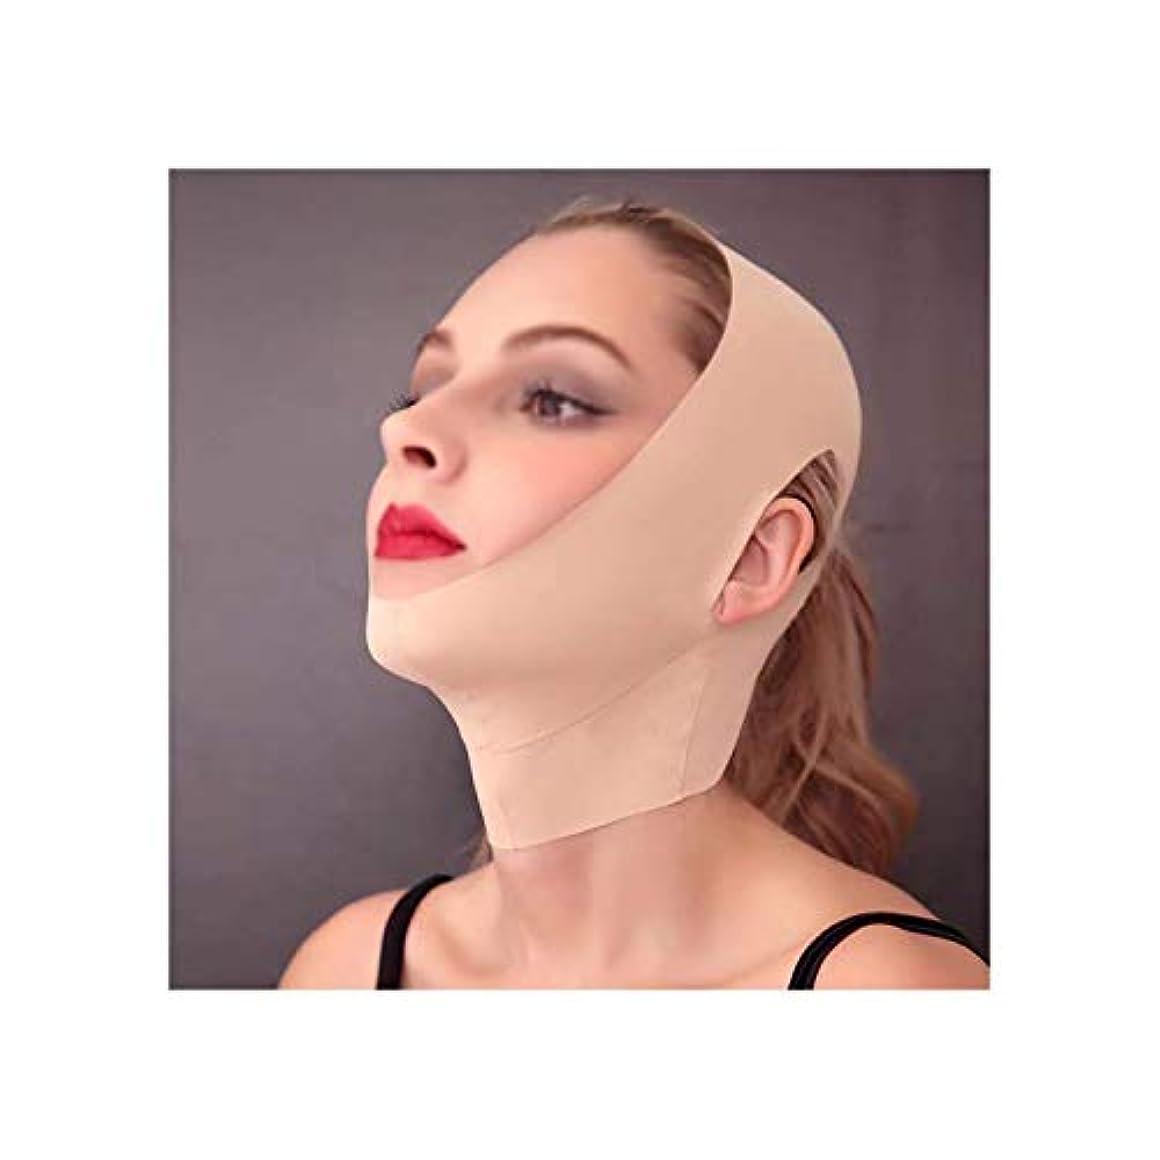 フェイシャルマスク、フェイスリフティングアーティファクト女性男性の睡眠顔Vフェイス包帯マスクリフティングフェイス補正引き締め顔に二重あご痩身ベルト